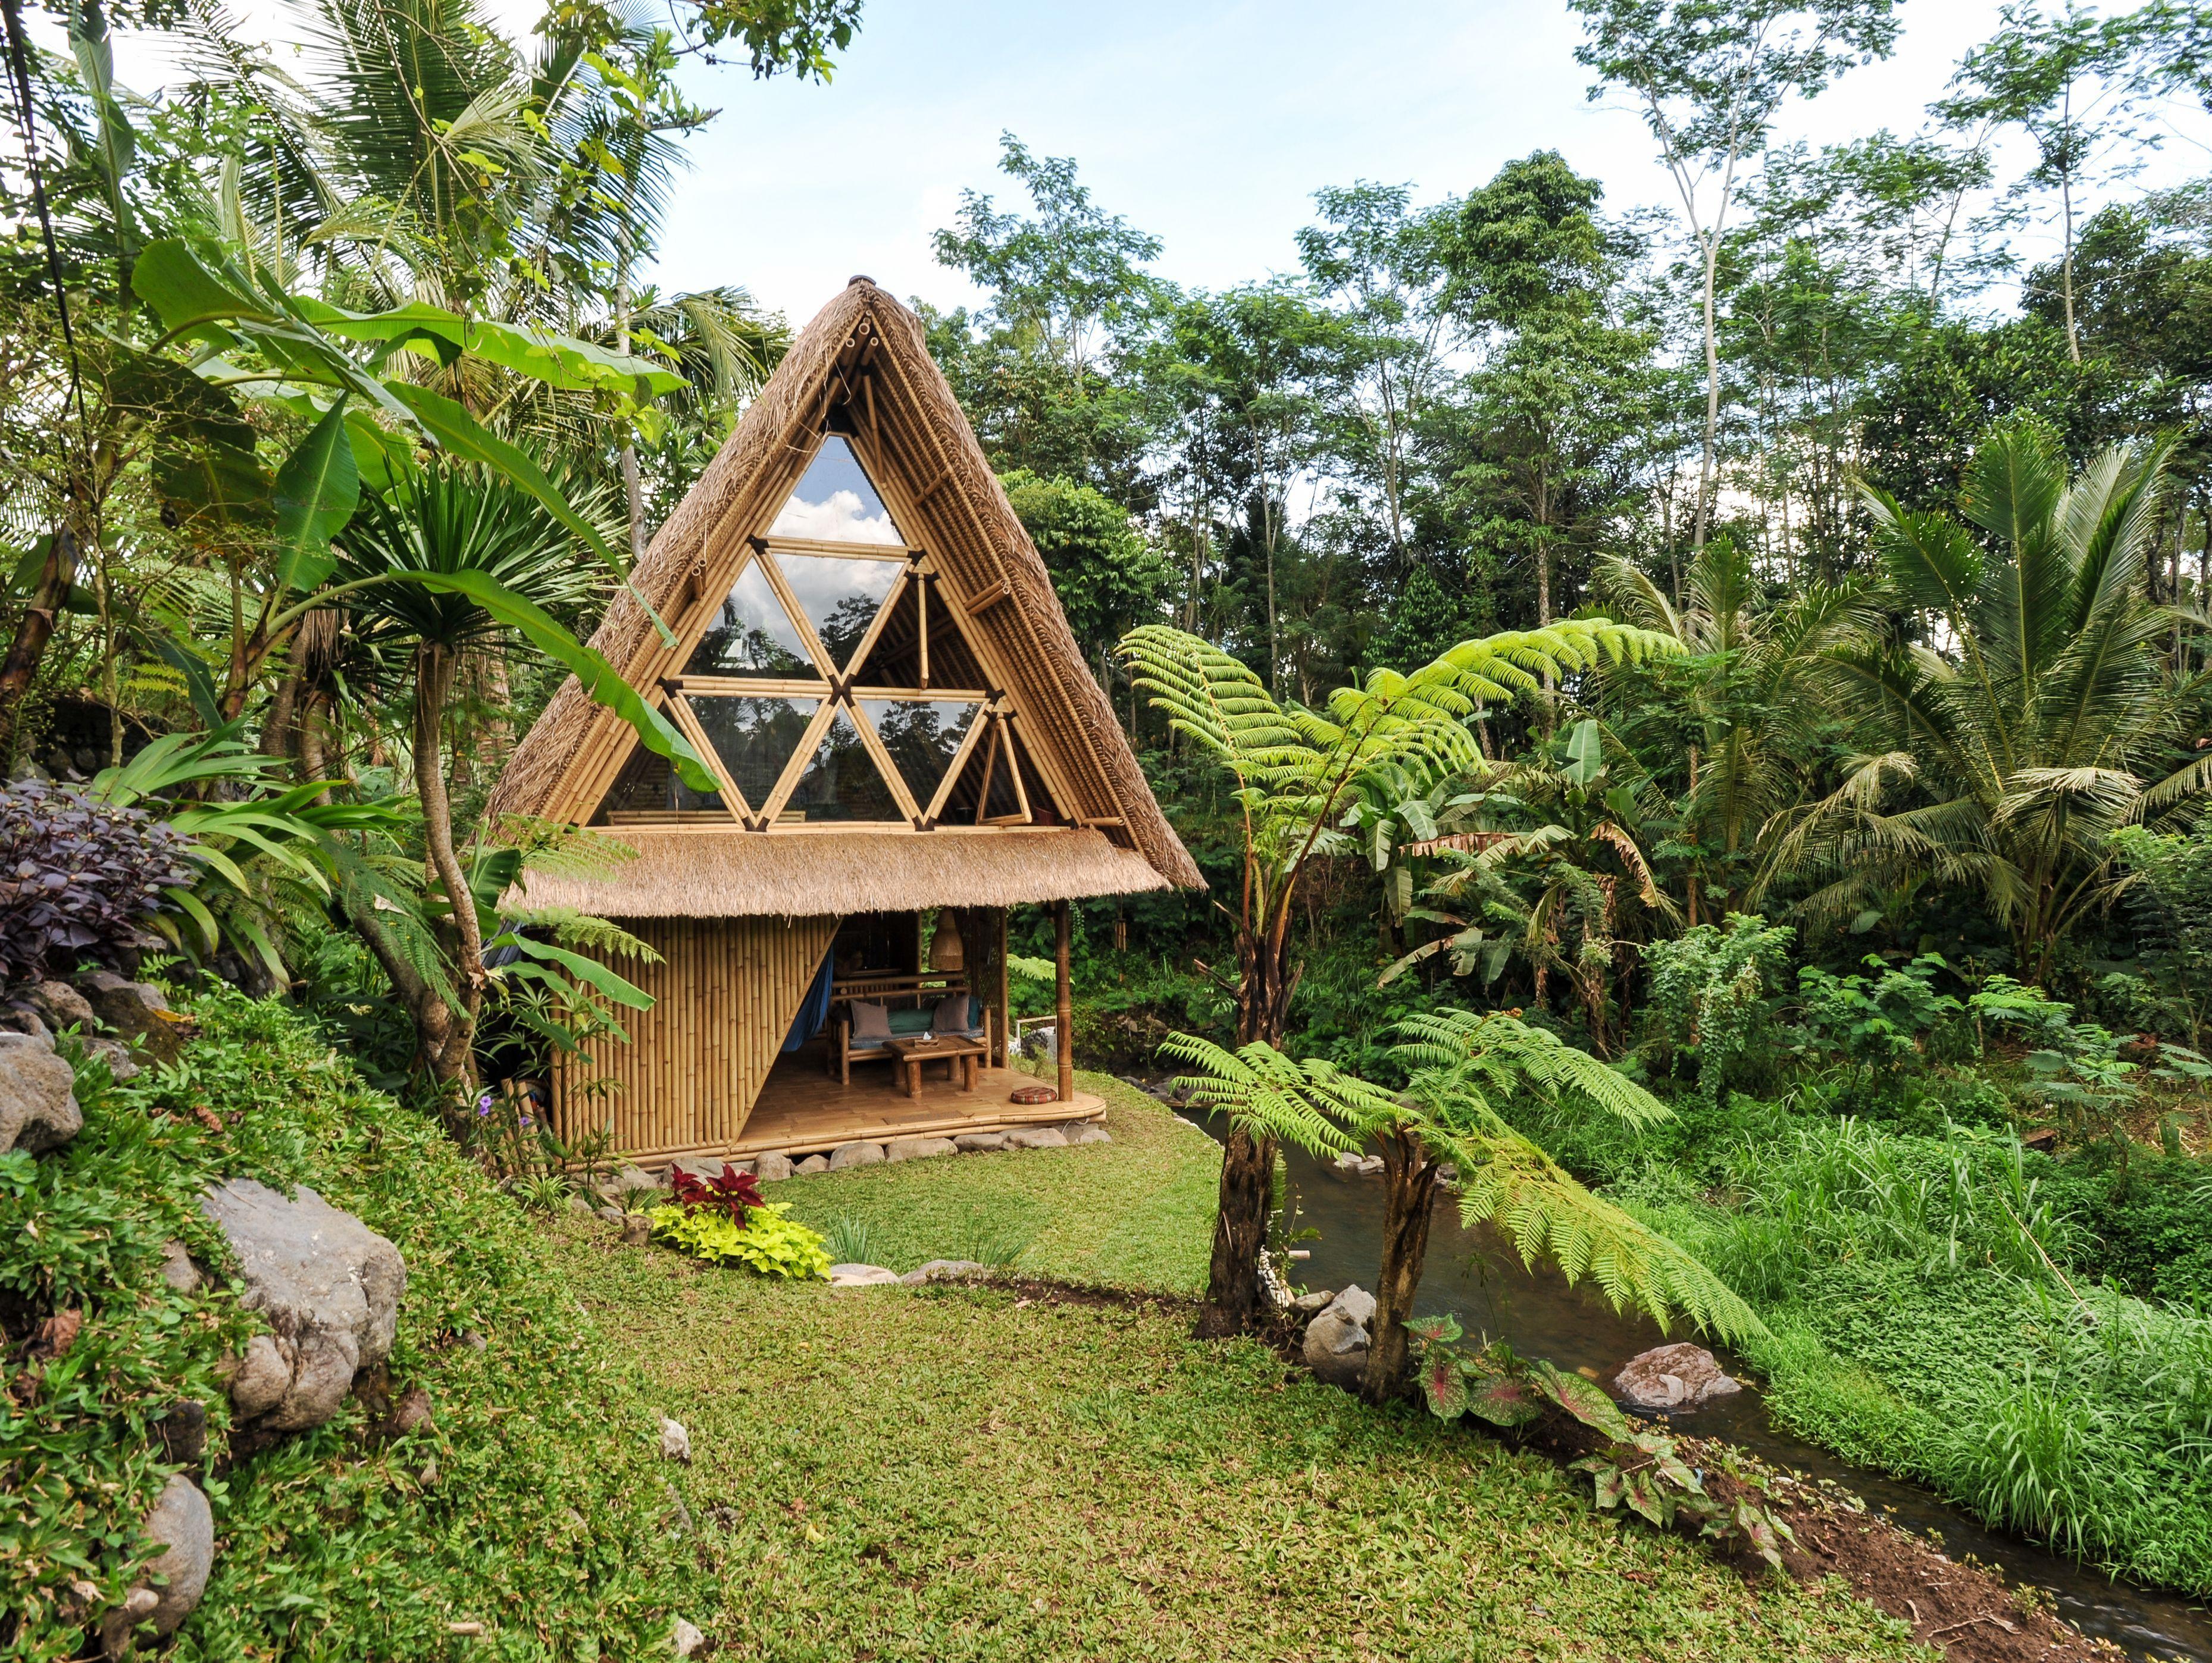 Una cabaña de bambú sostenible en Bali - Viajes y escapadas